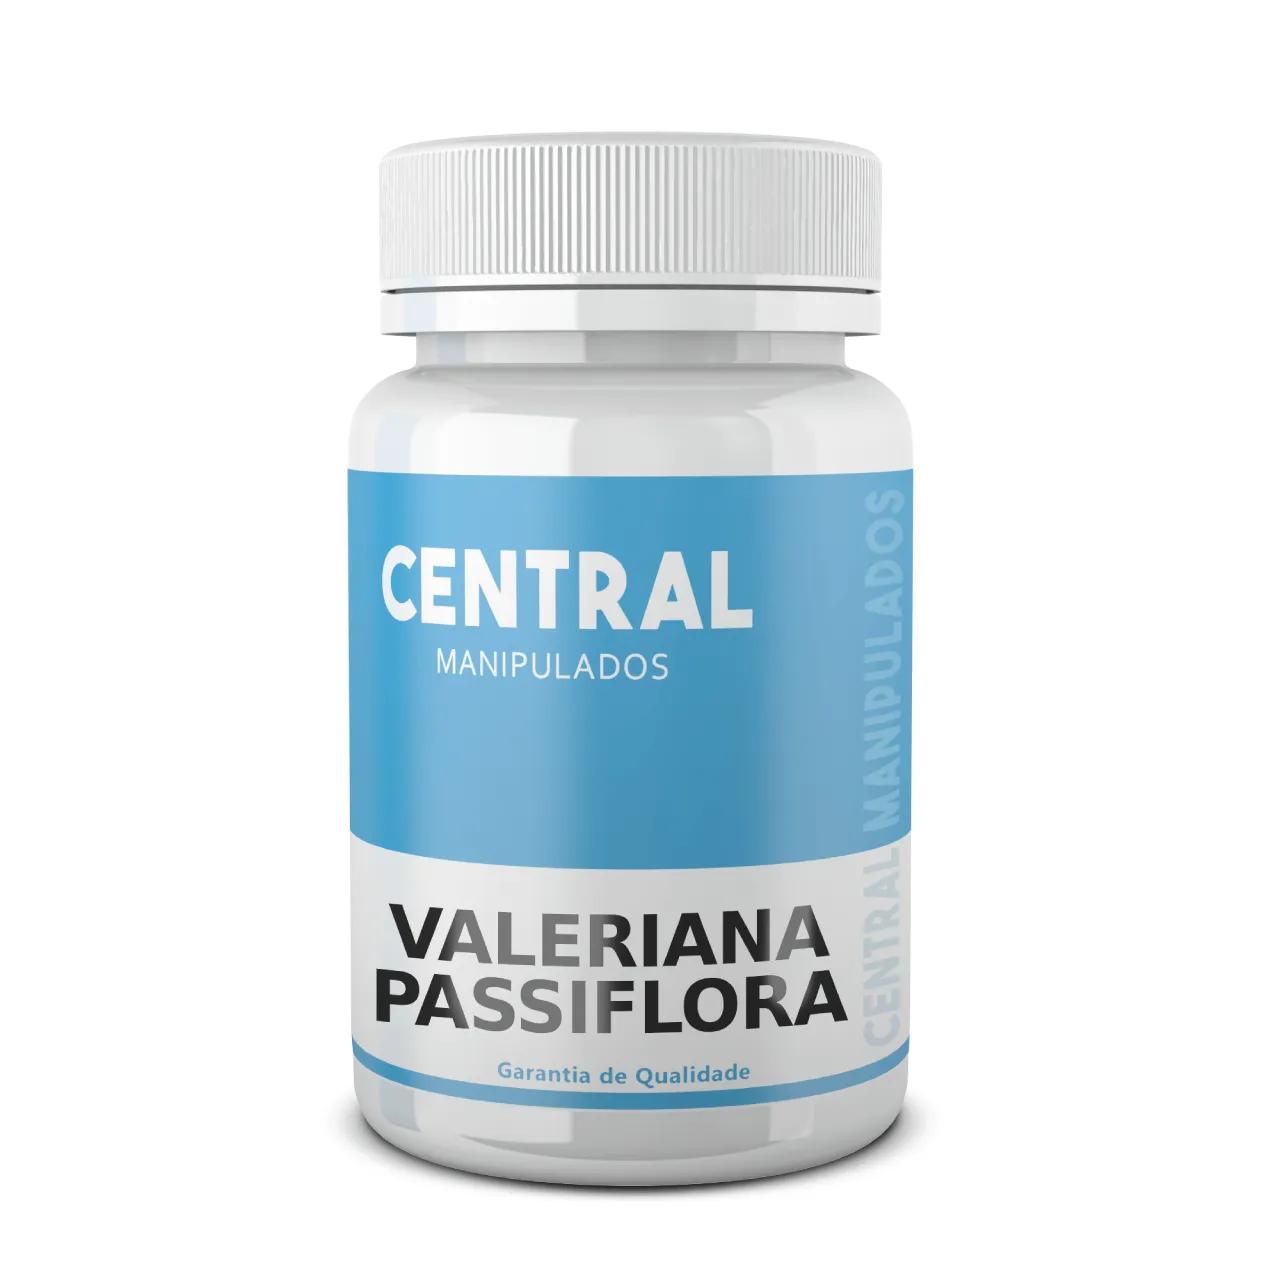 Valeriana 100mg + Passiflora 200mg - 90 cápsulas - Melhora ansiedade, insônia, tensão, estresse. Efeito calmante